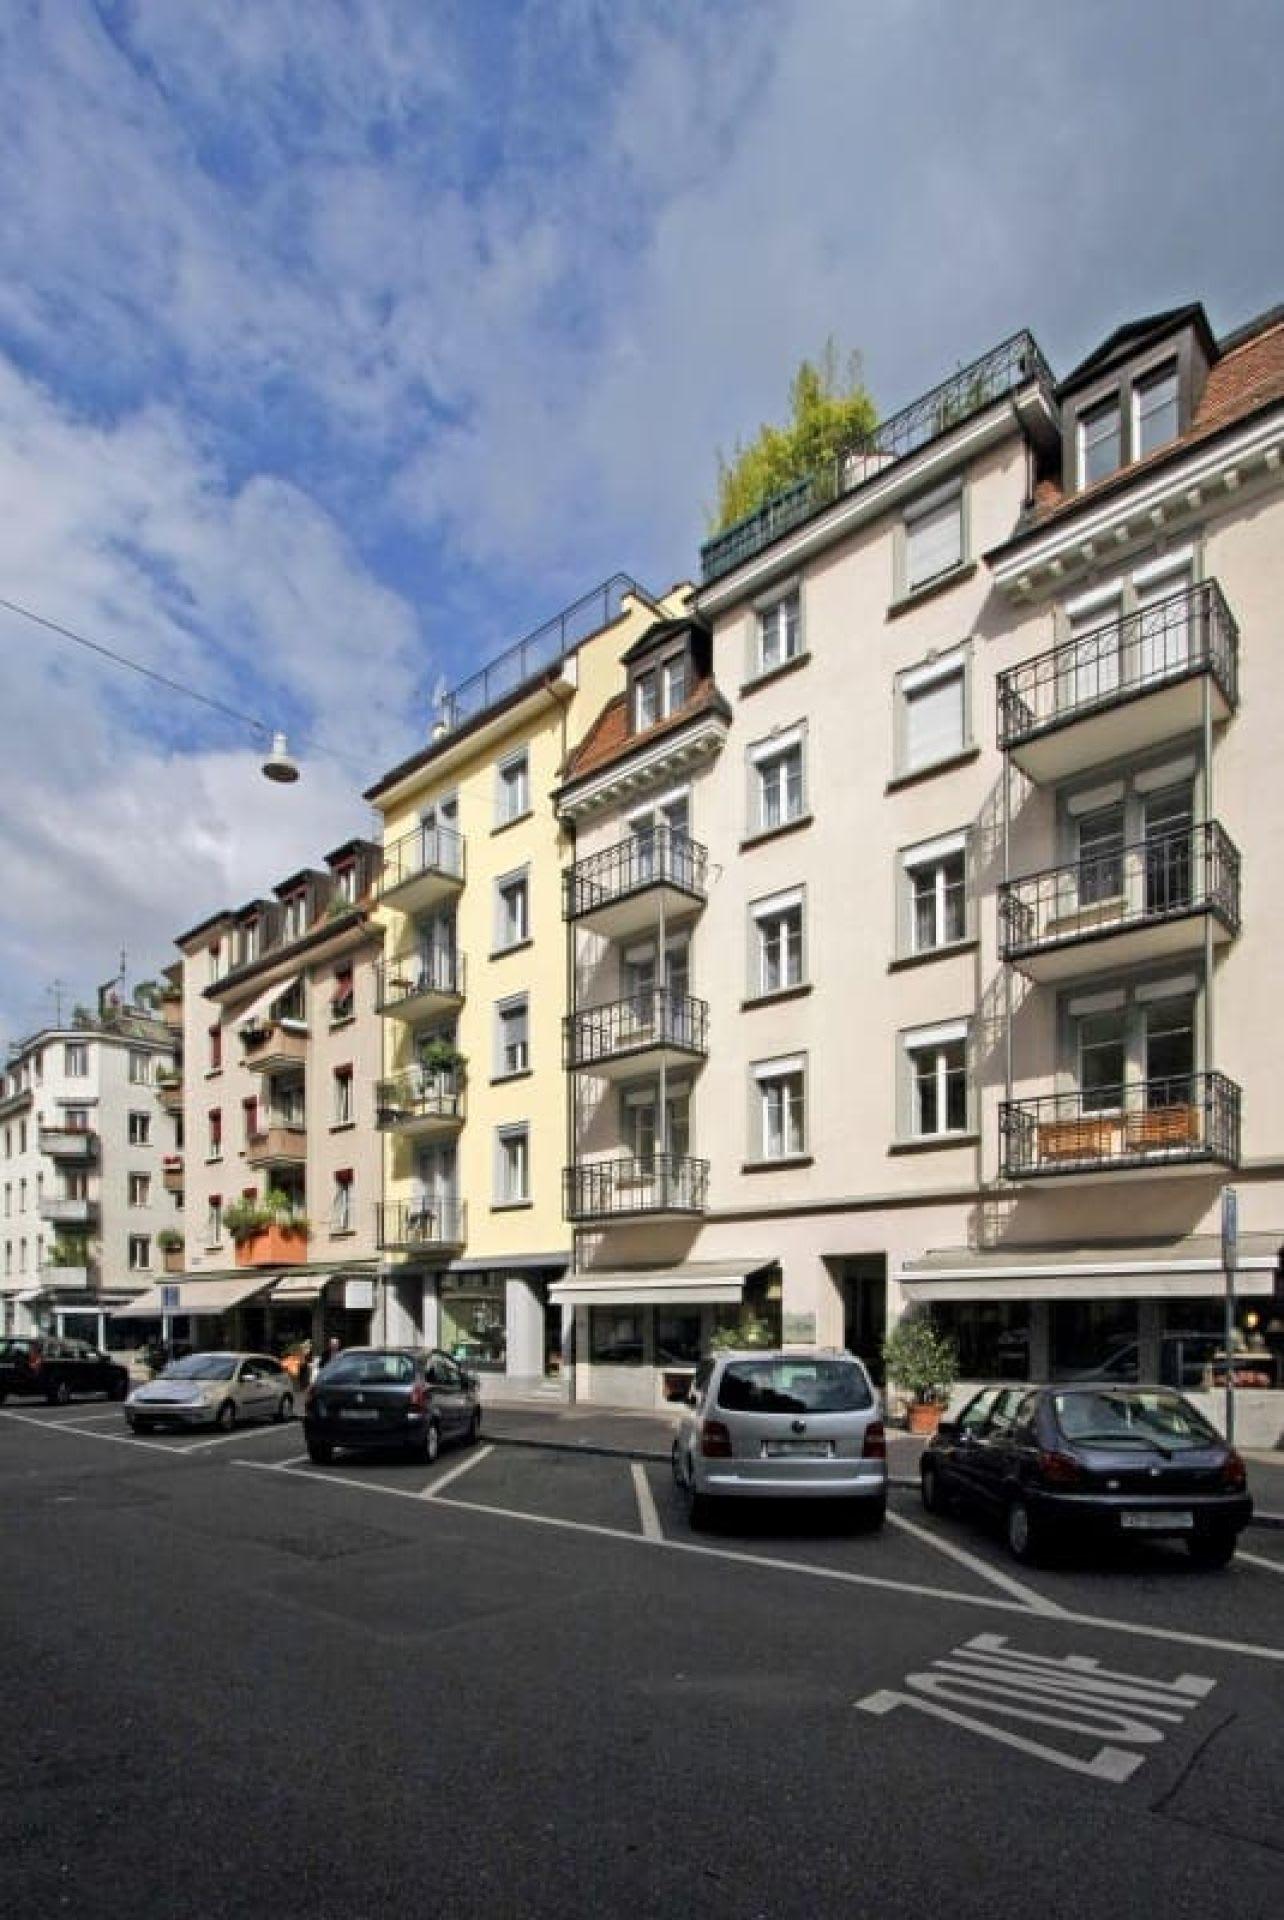 Fröhlichstrasse 51 - Vorschau